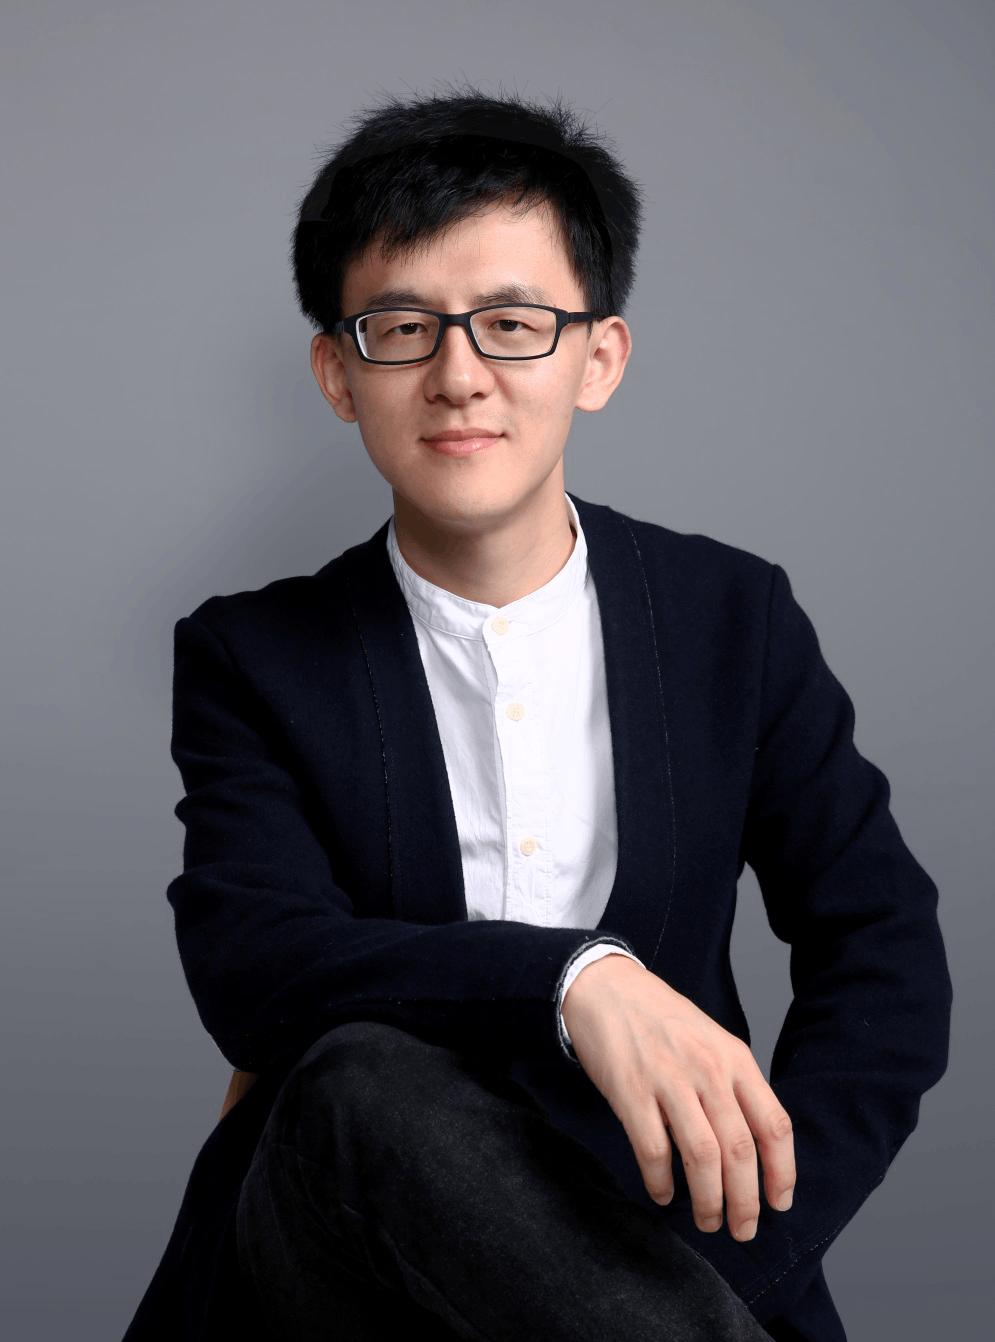 网易人工智能总监刘锐:如何利用人工智能赚钱?